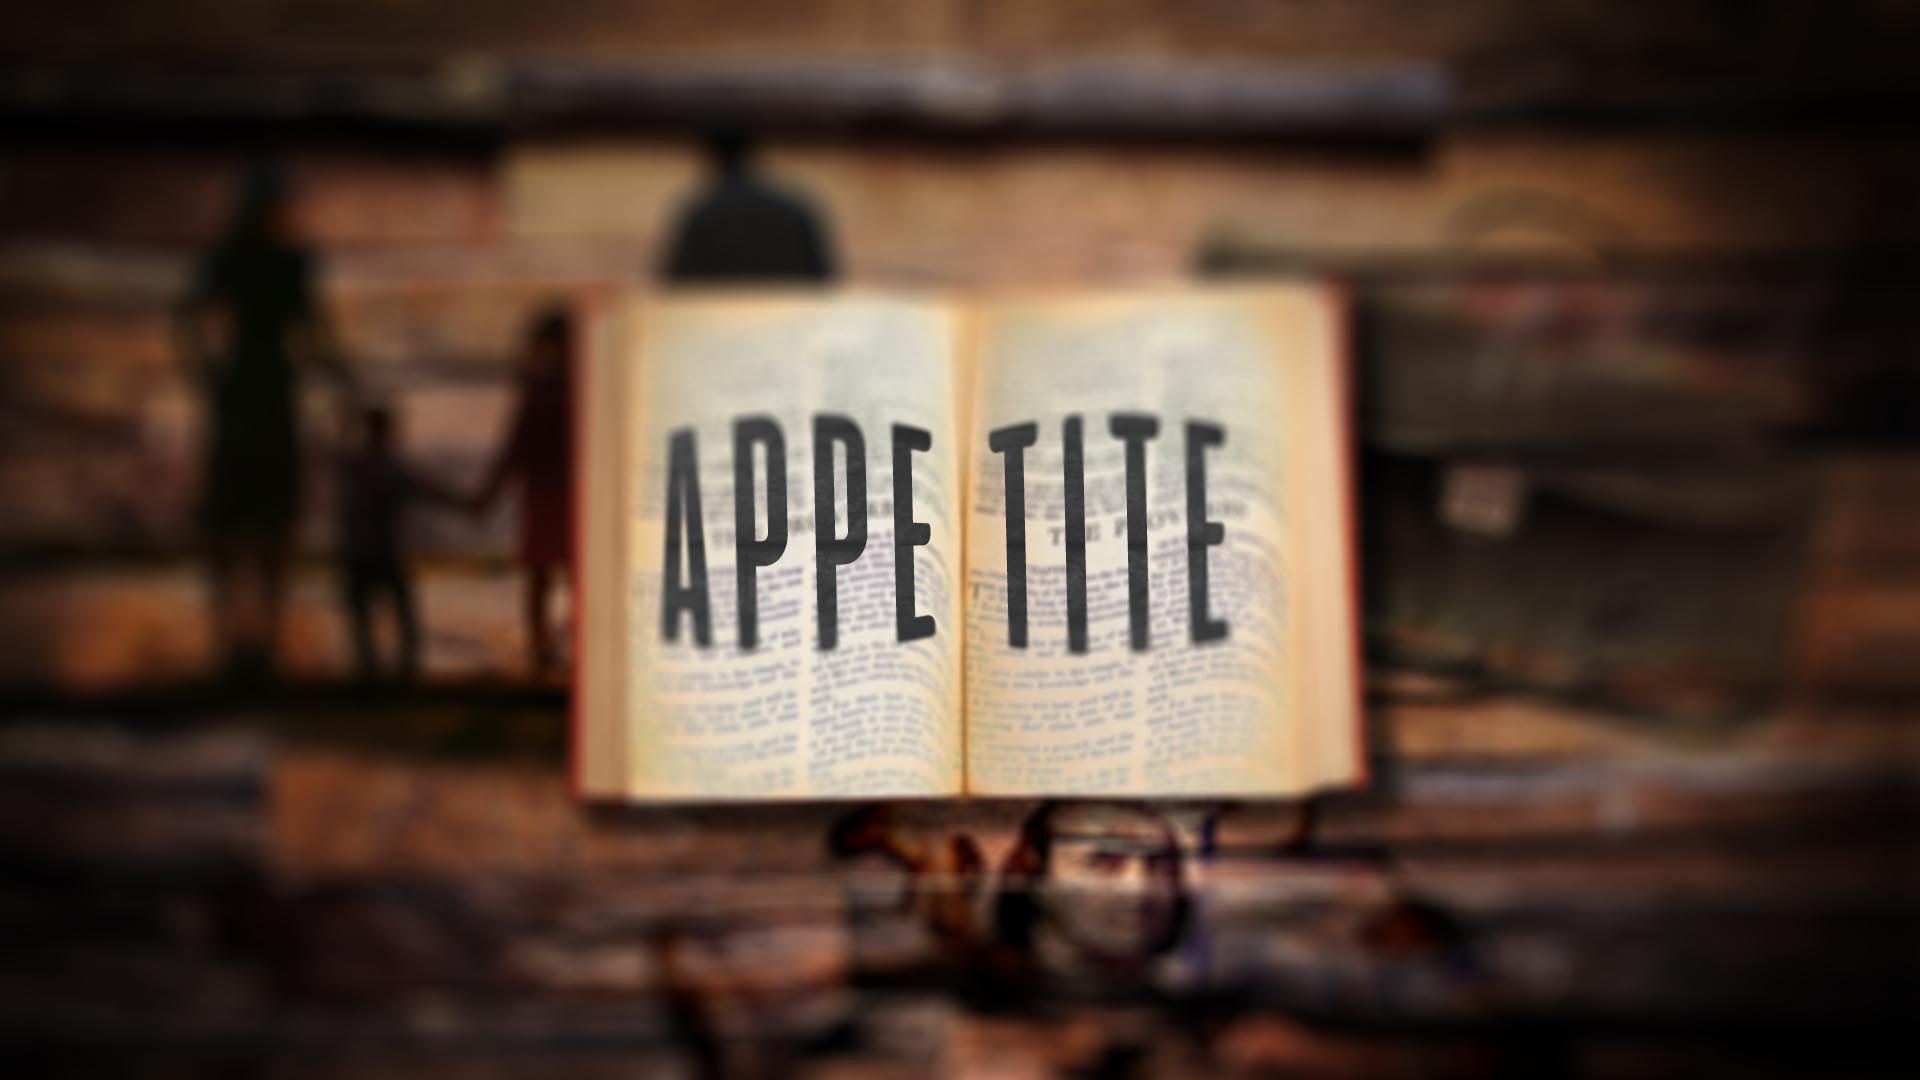 AppetiteMain.jpg